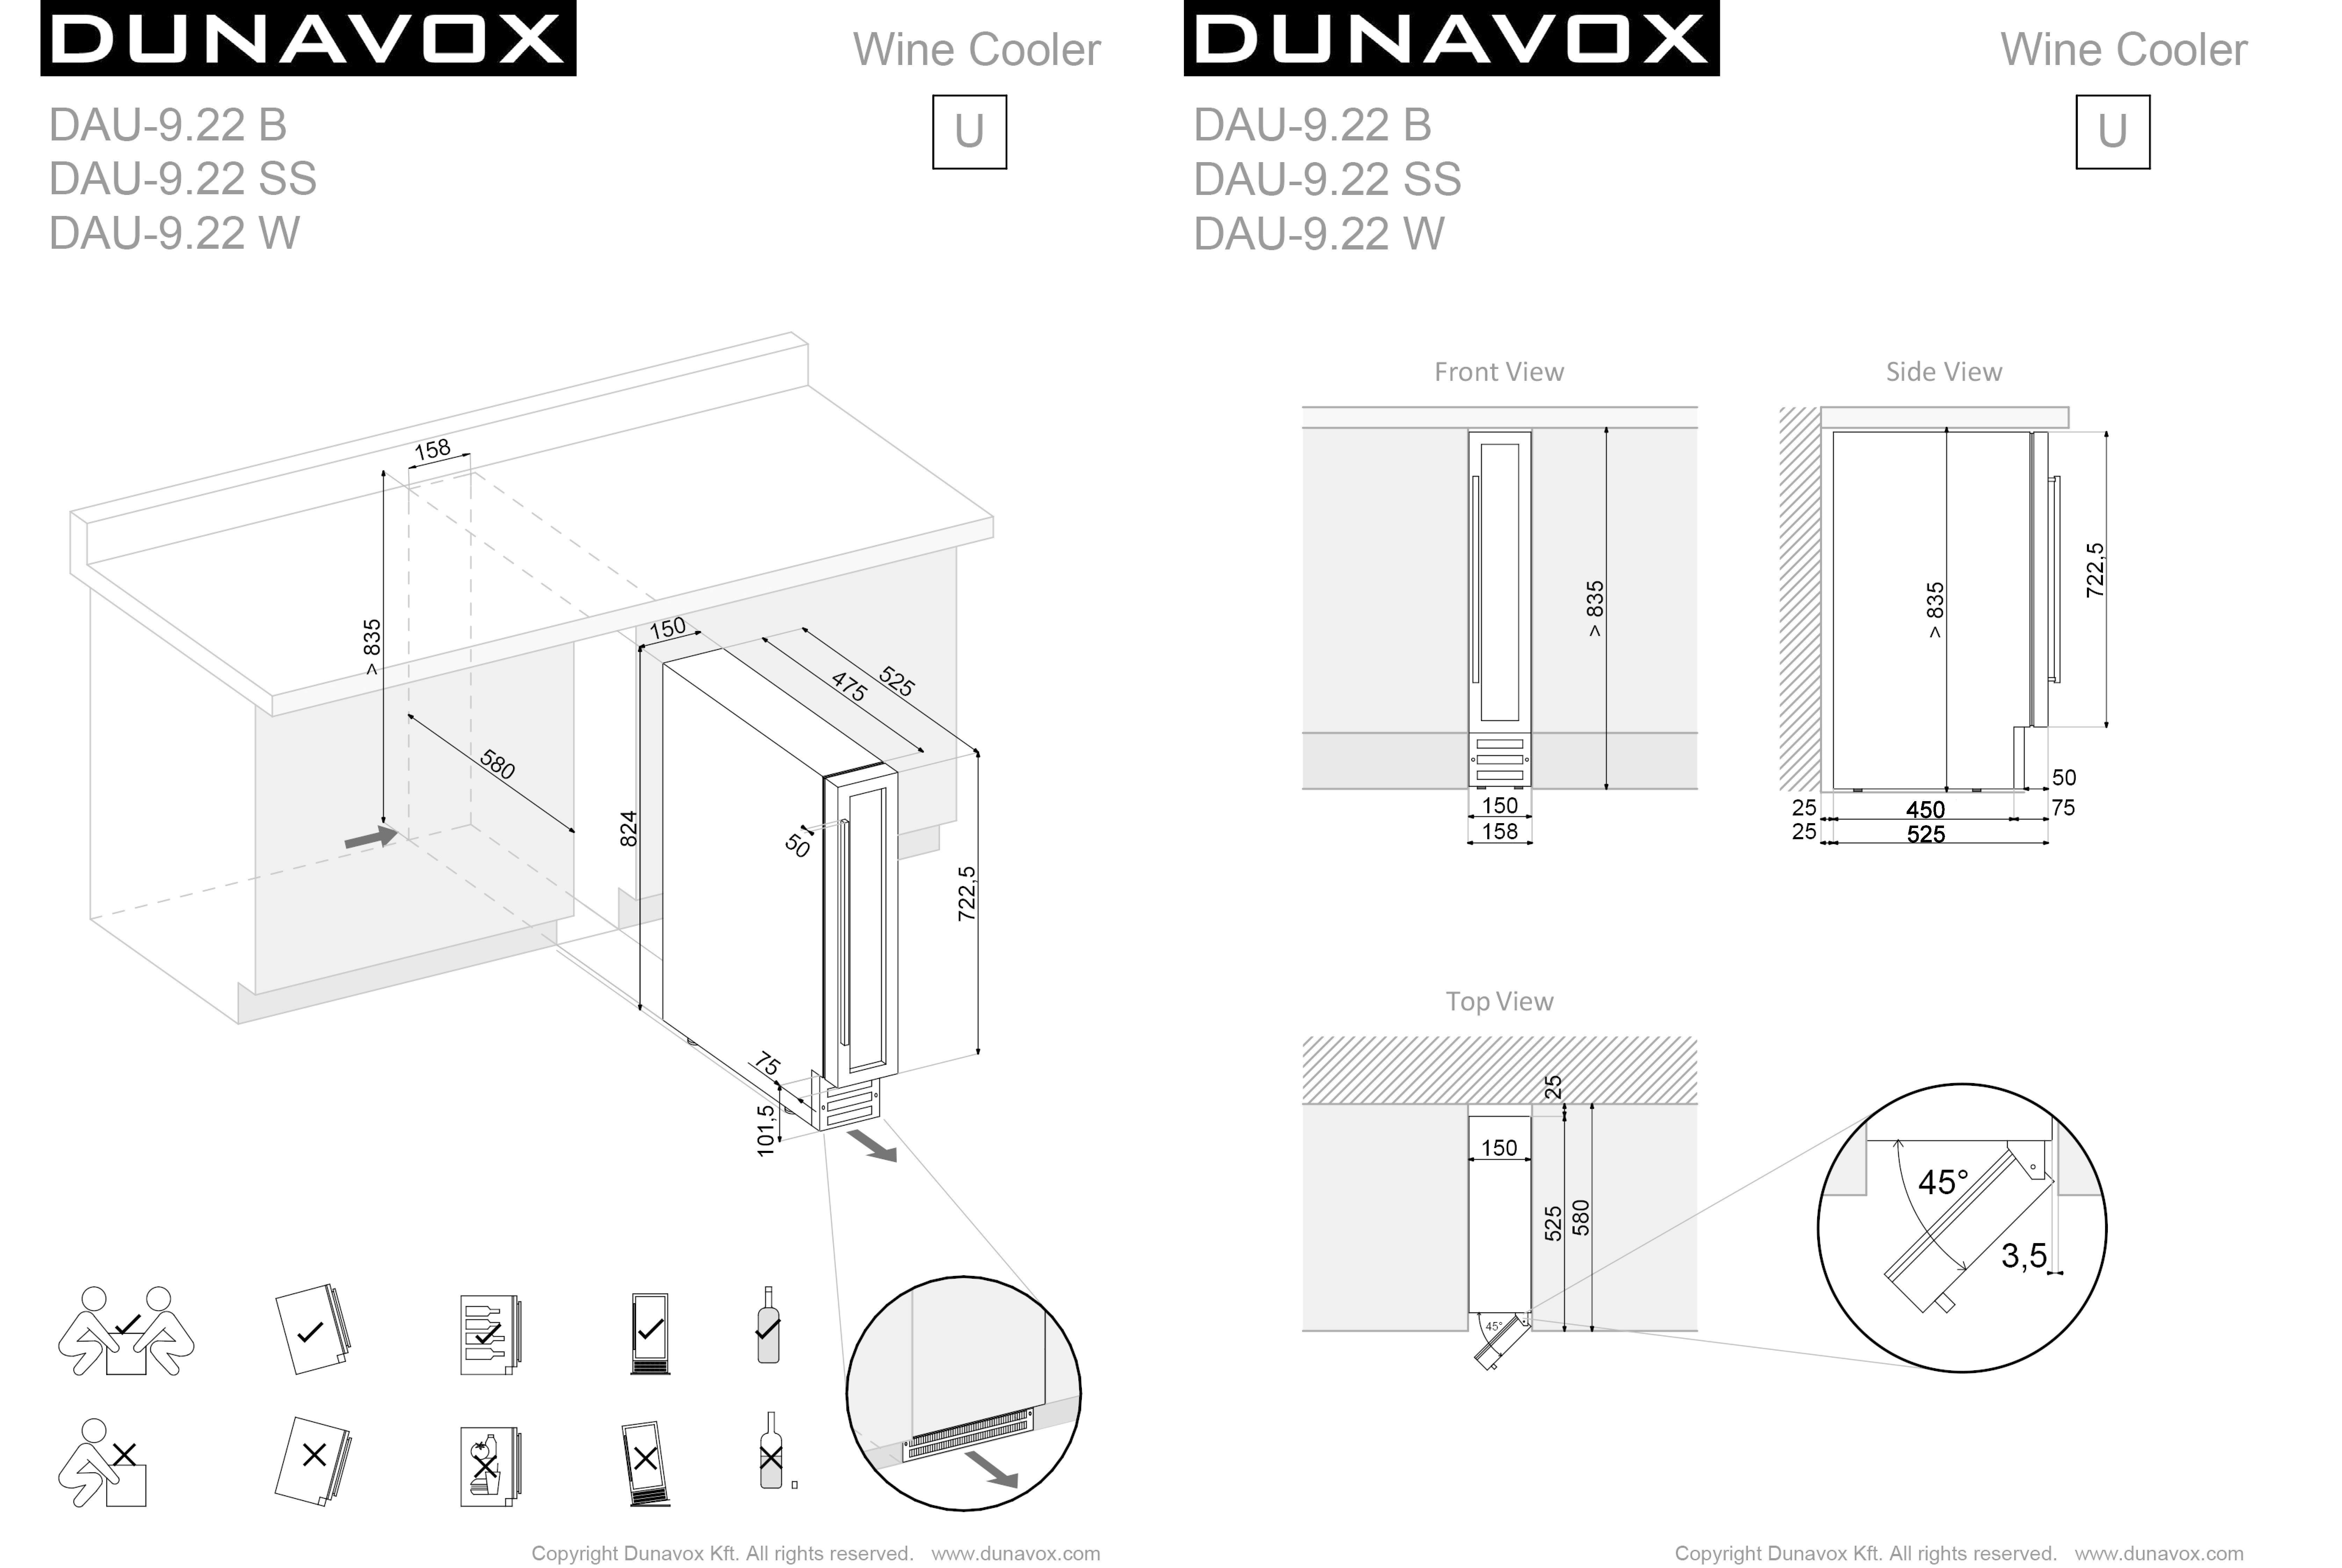 dau-9.22-installation-drawing-full